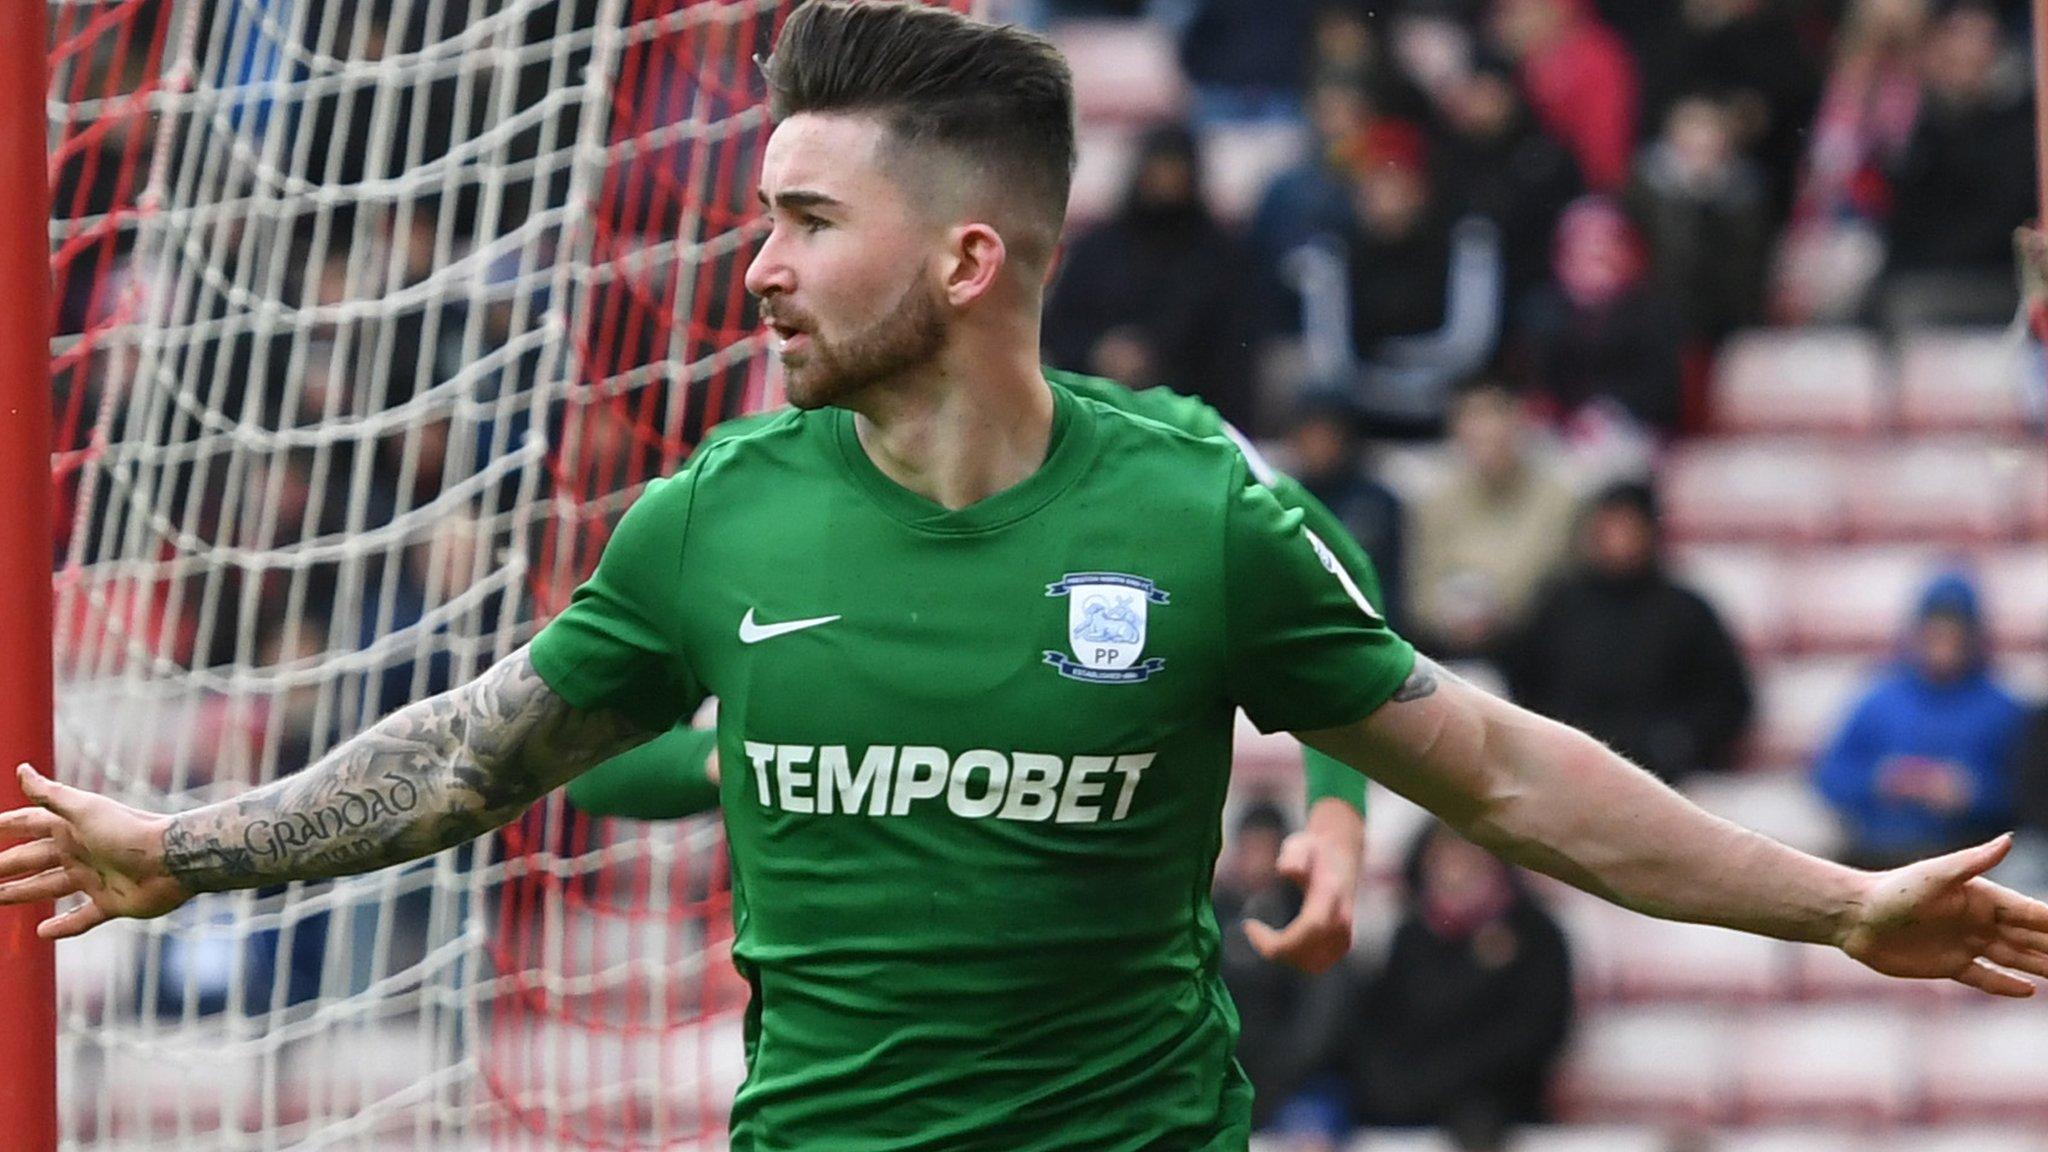 Sunderland 0-2 Preston North End